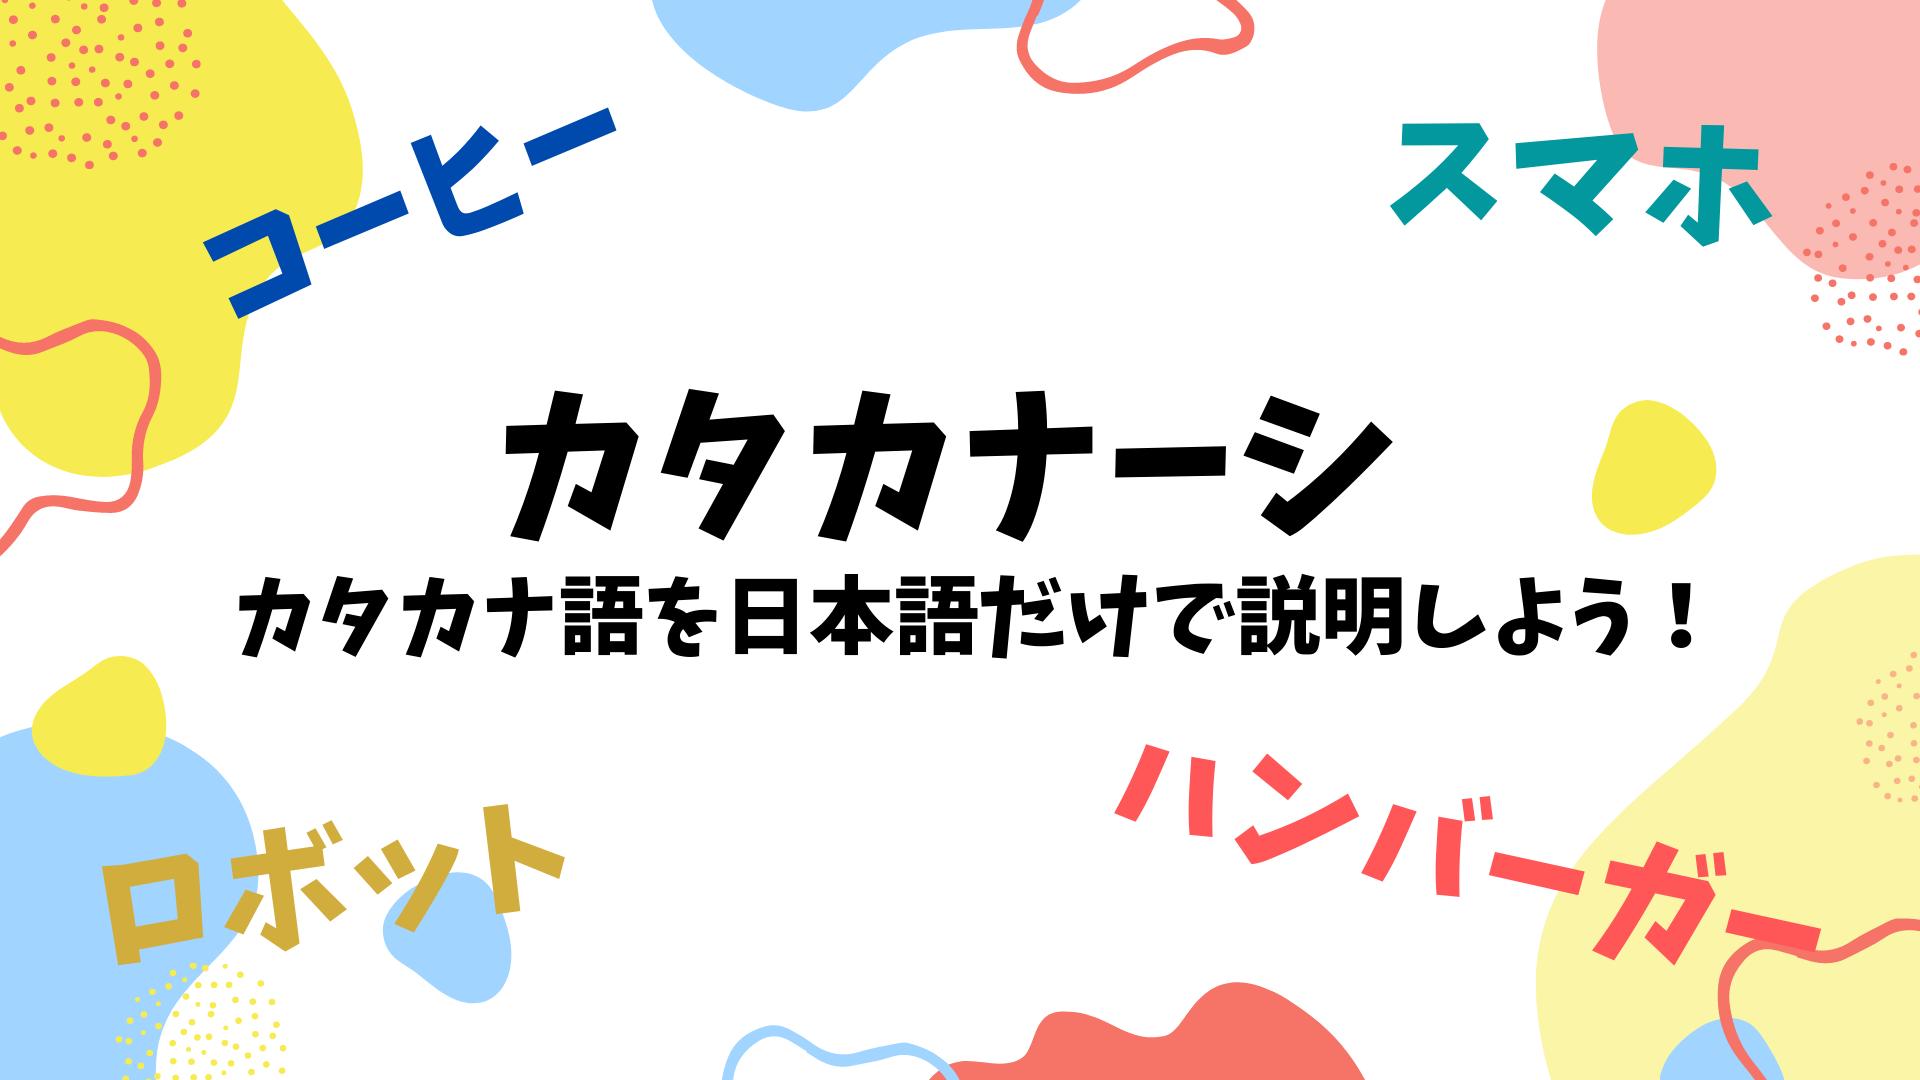 【日本語活動】カタカナーシ!カタカナ語を日本語だけで説明しよう